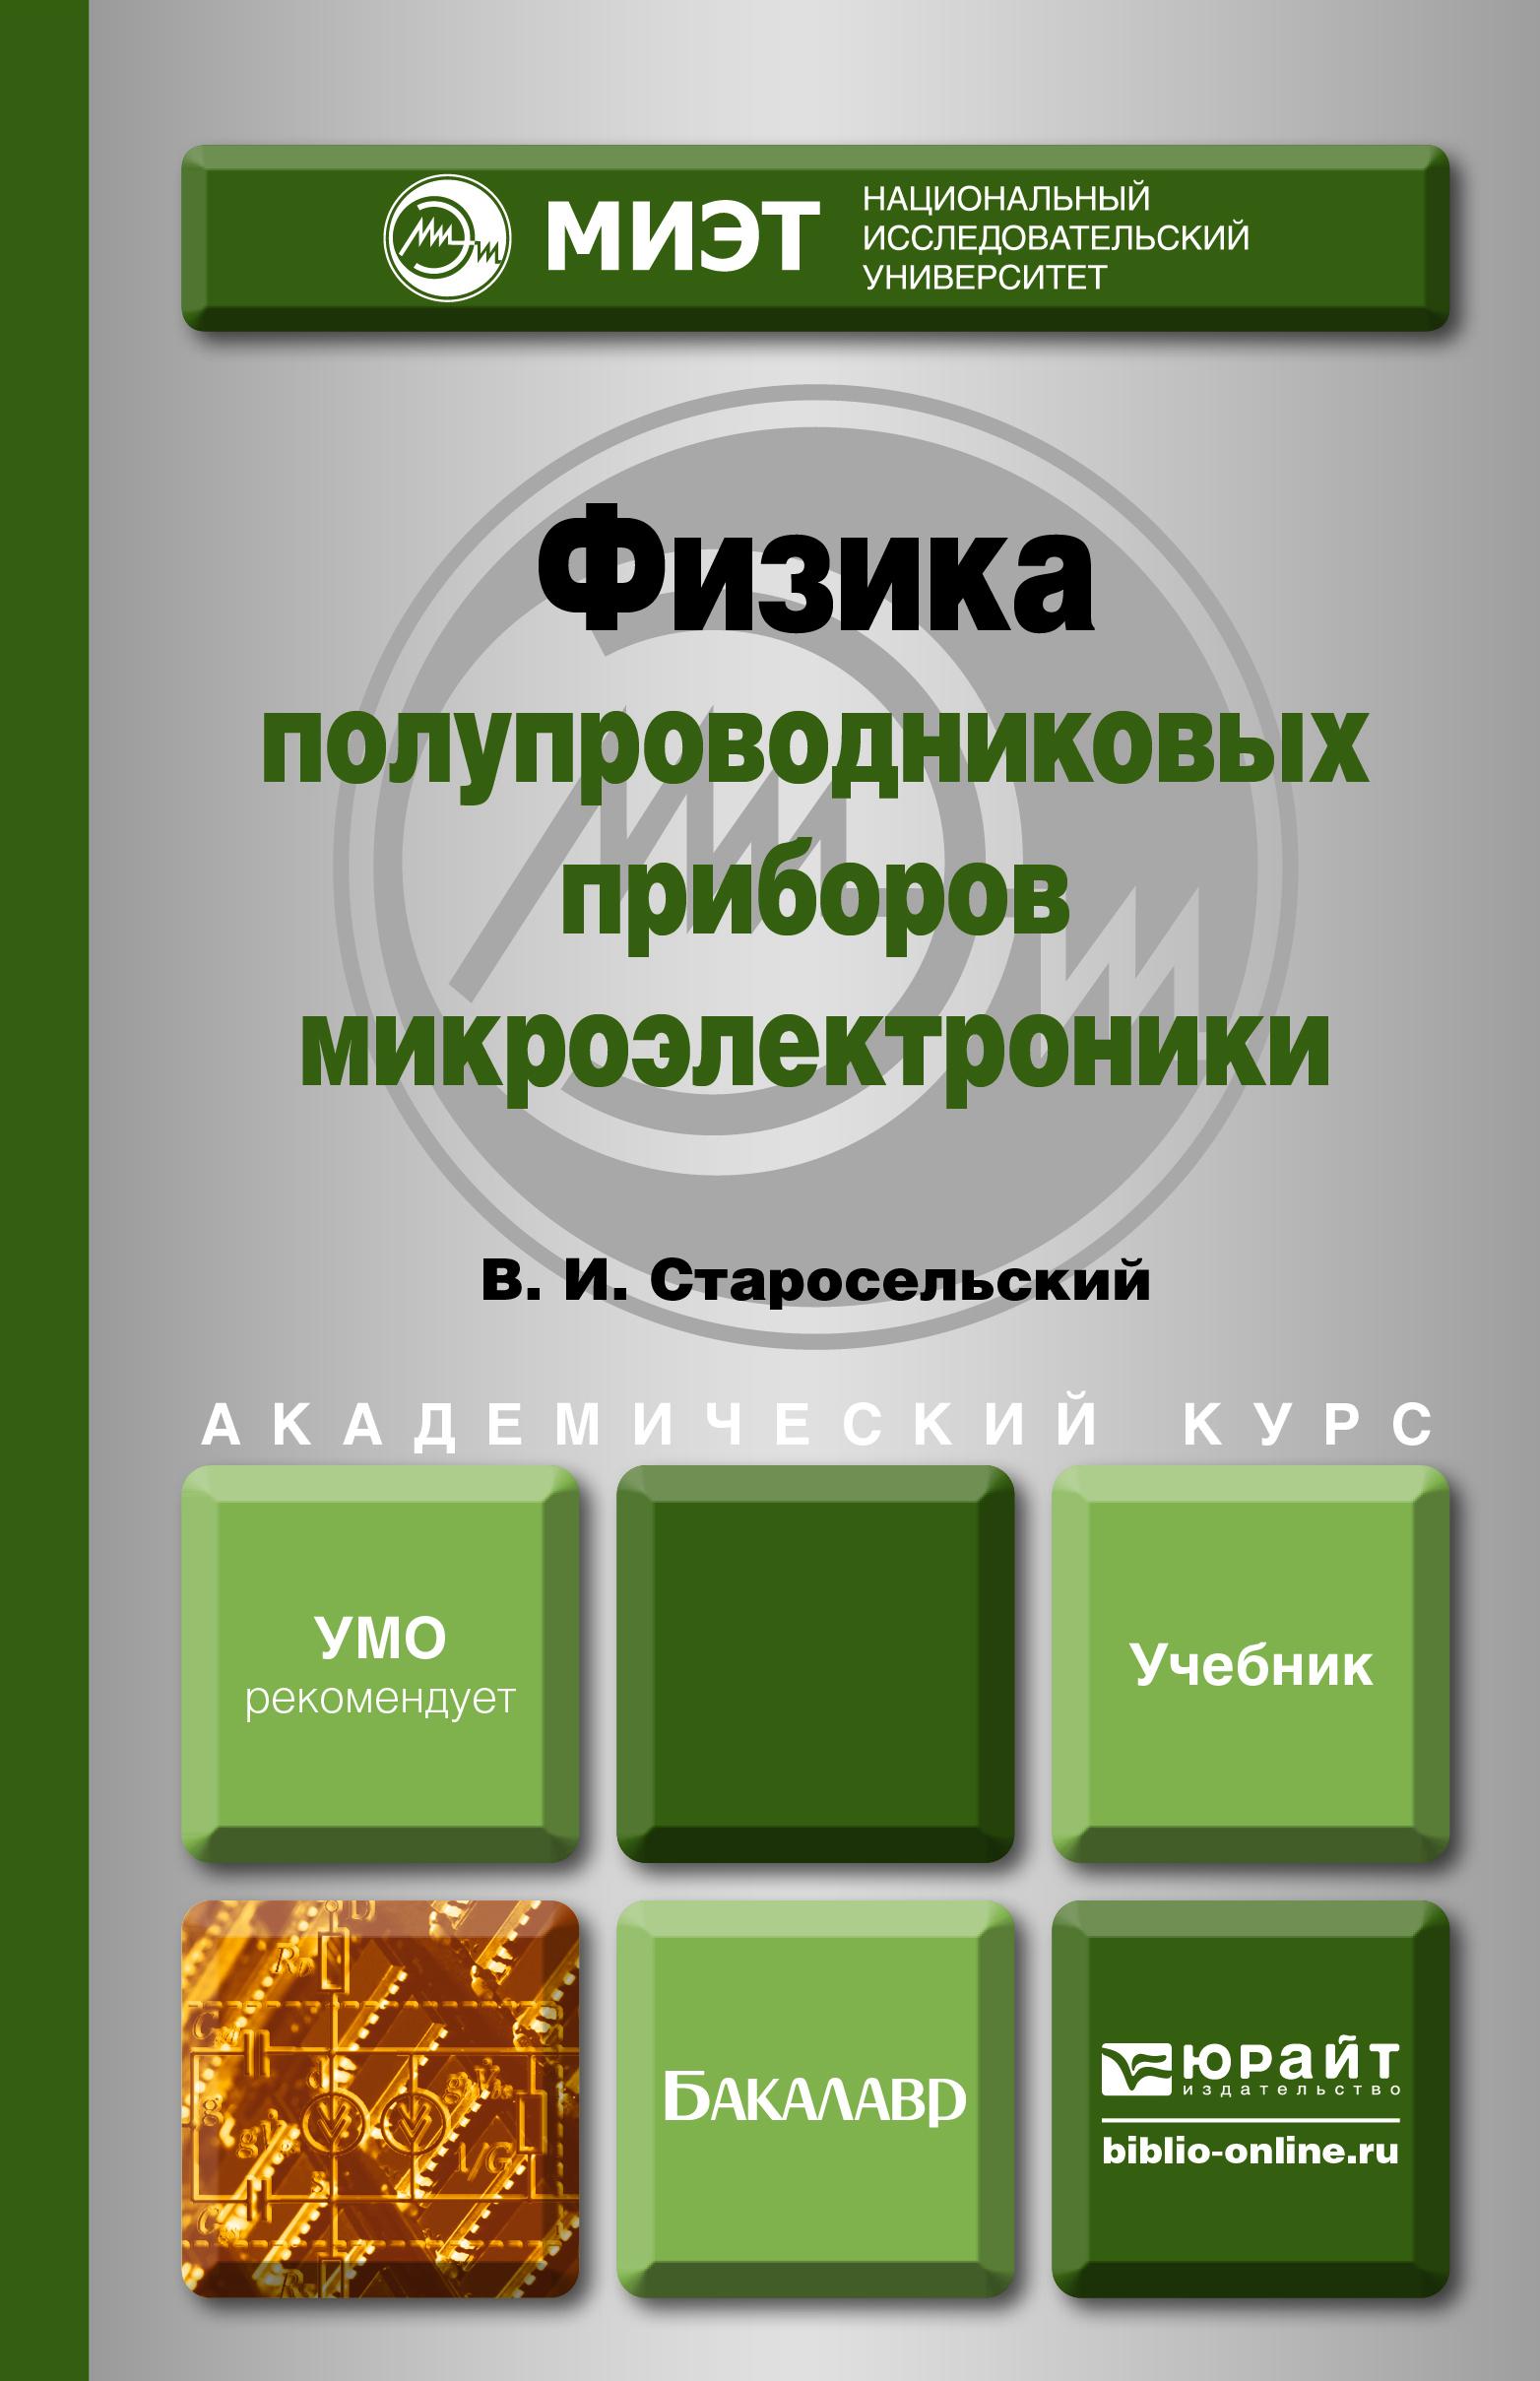 ФИЗИКА ПОЛУПРОВОДНИКОВЫХ ПРИБОРОВ МИКРОЭЛЕКТРОНИКИ. Учебник для академического бакалавриата